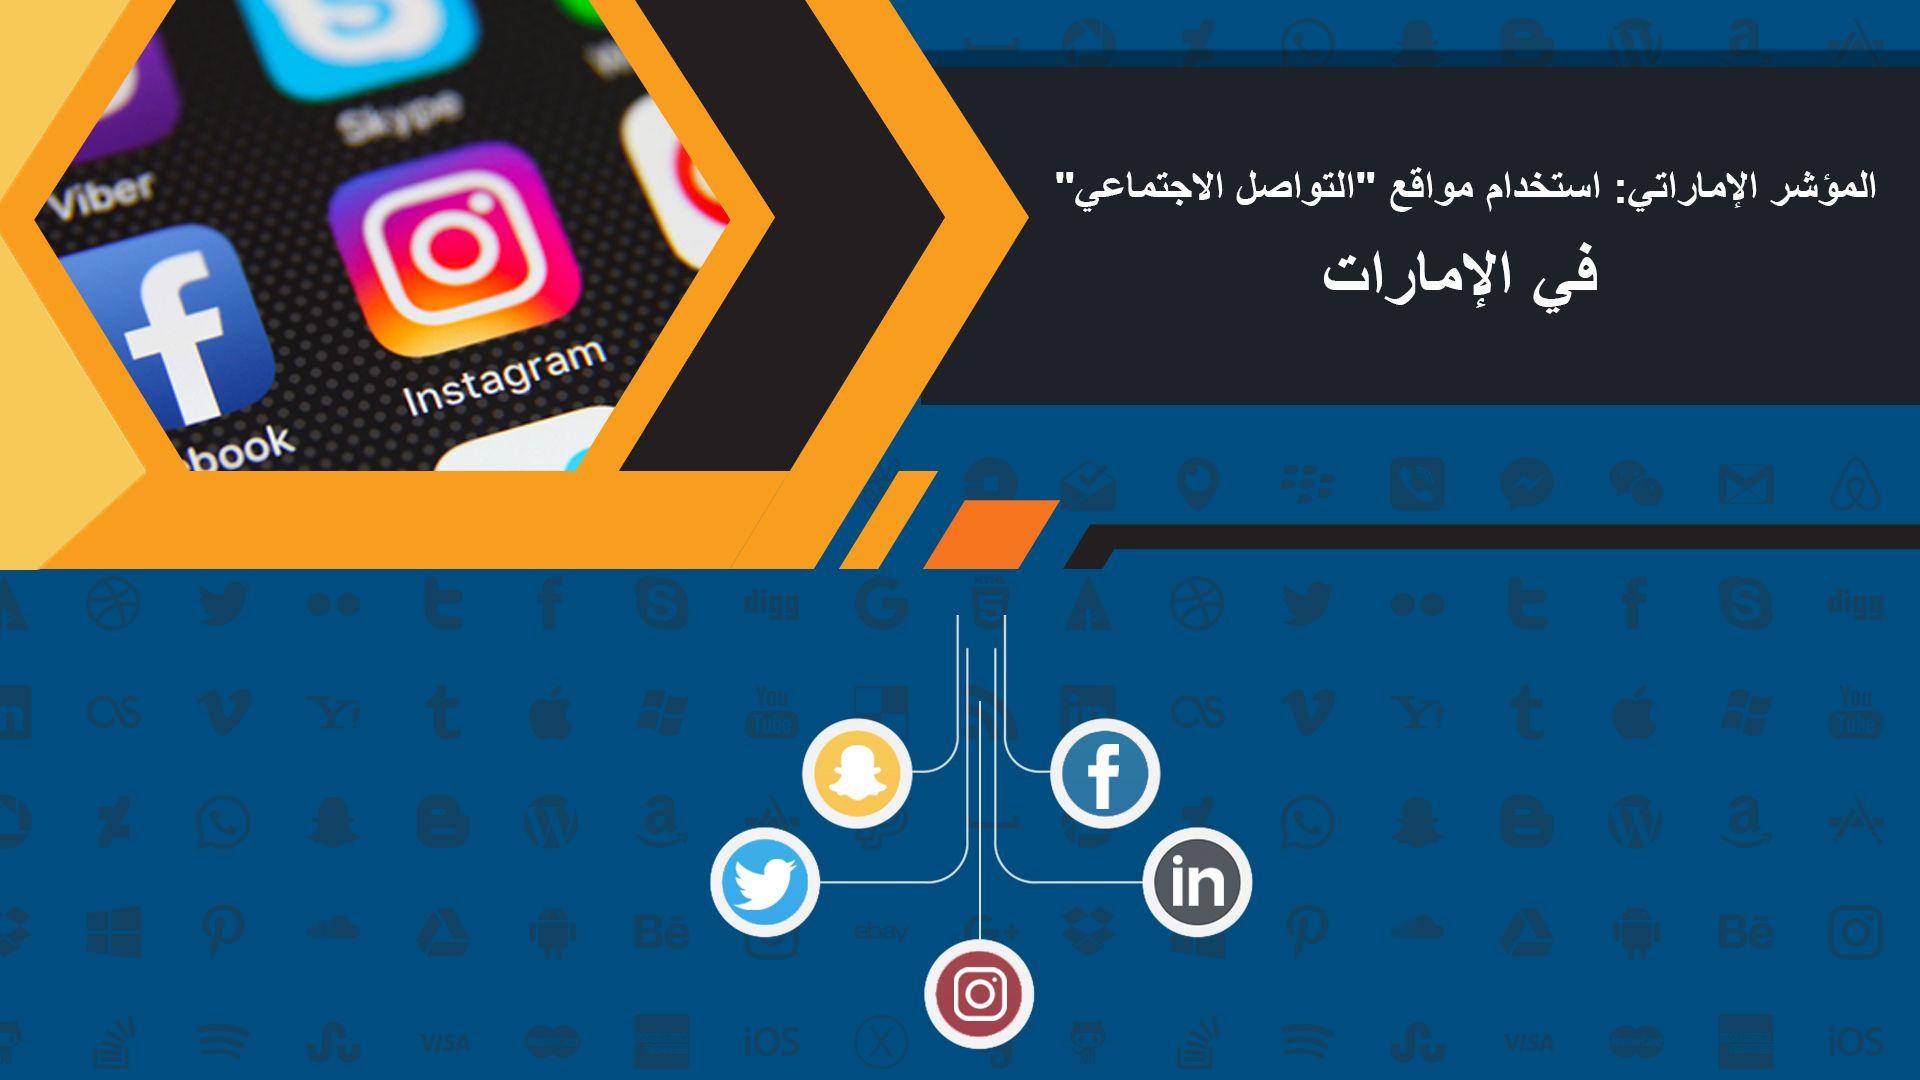 المؤشر الإماراتي استخدام مواقع التواصل الاجتماعي في الإمارات Book Instagram Instagram Books